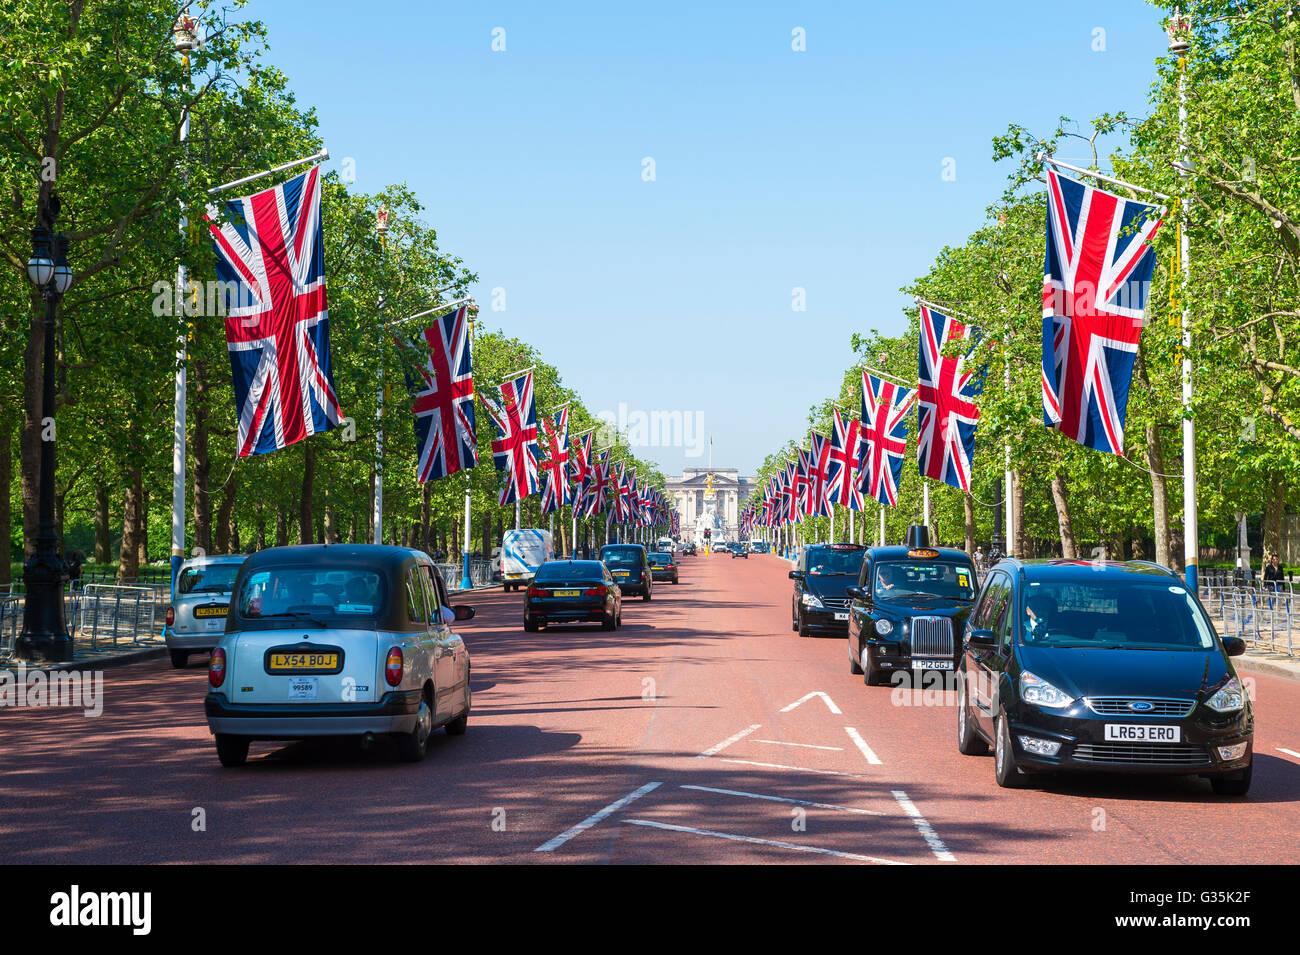 Londra - 6 giugno 2016: il traffico passa lungo il Mall, una strada transitabile il collegamento di Buckingham Palace Immagini Stock